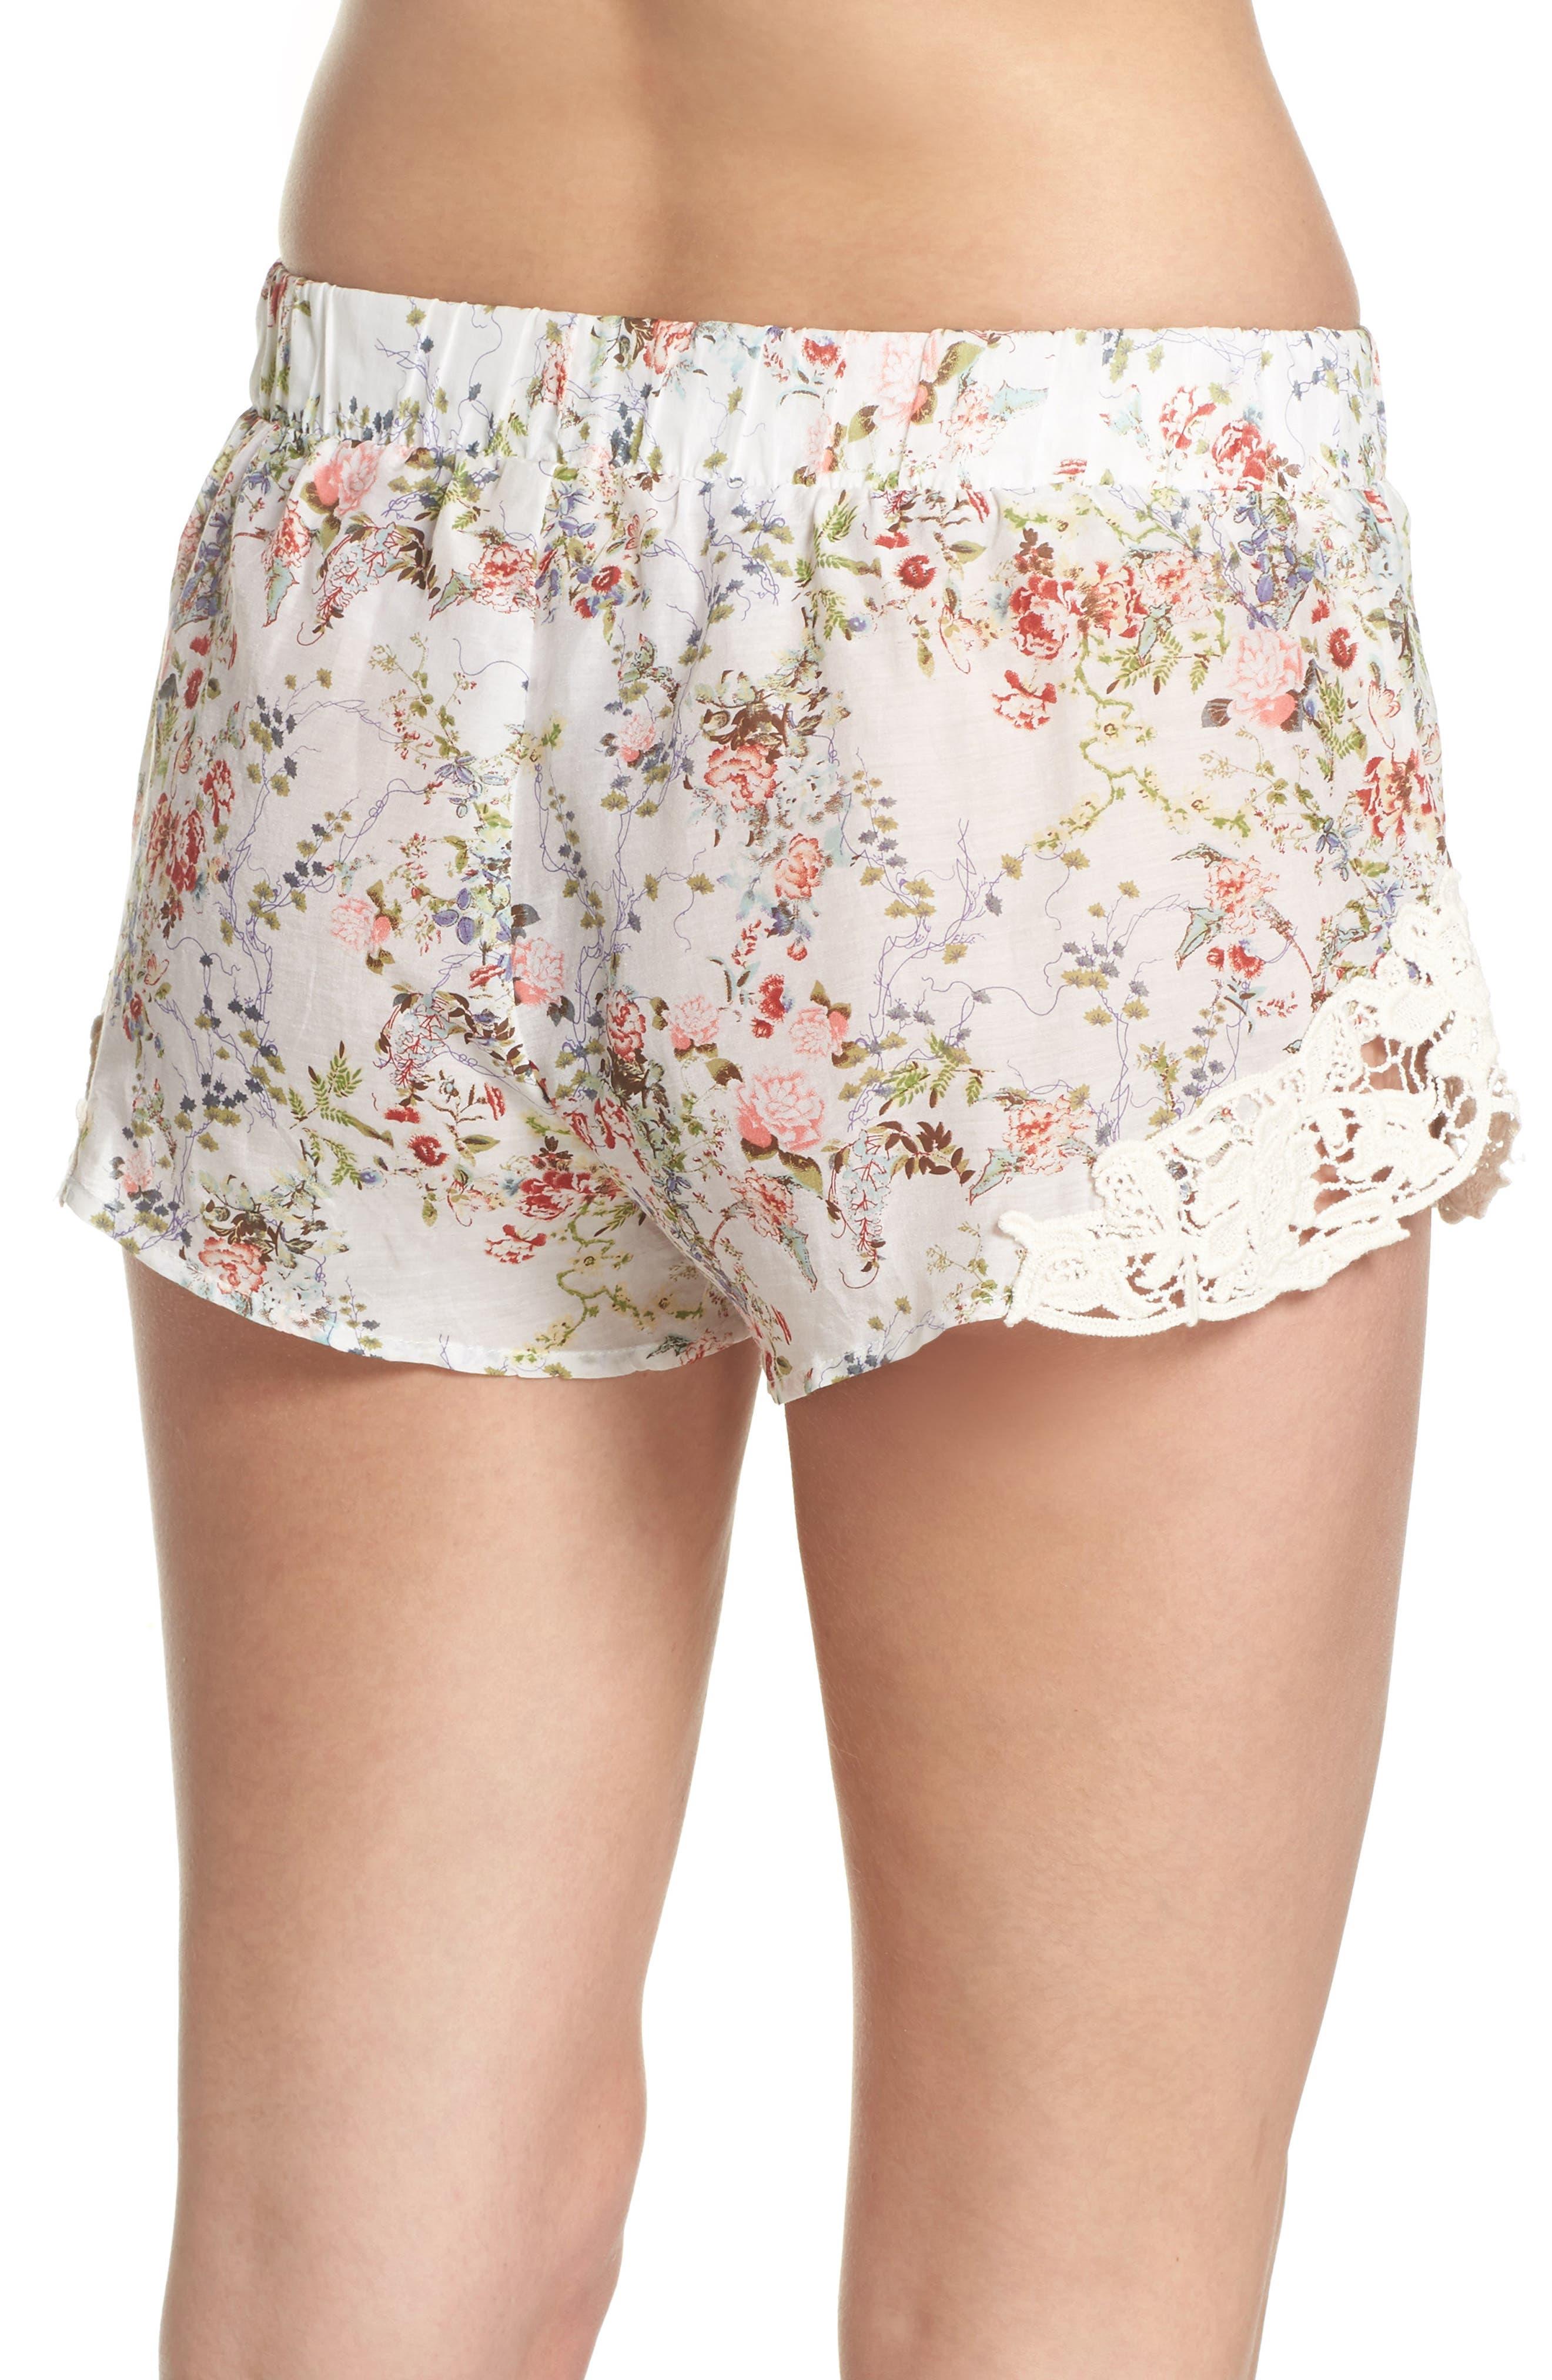 Yolly Floral Pajama Shorts,                             Alternate thumbnail 2, color,                             901